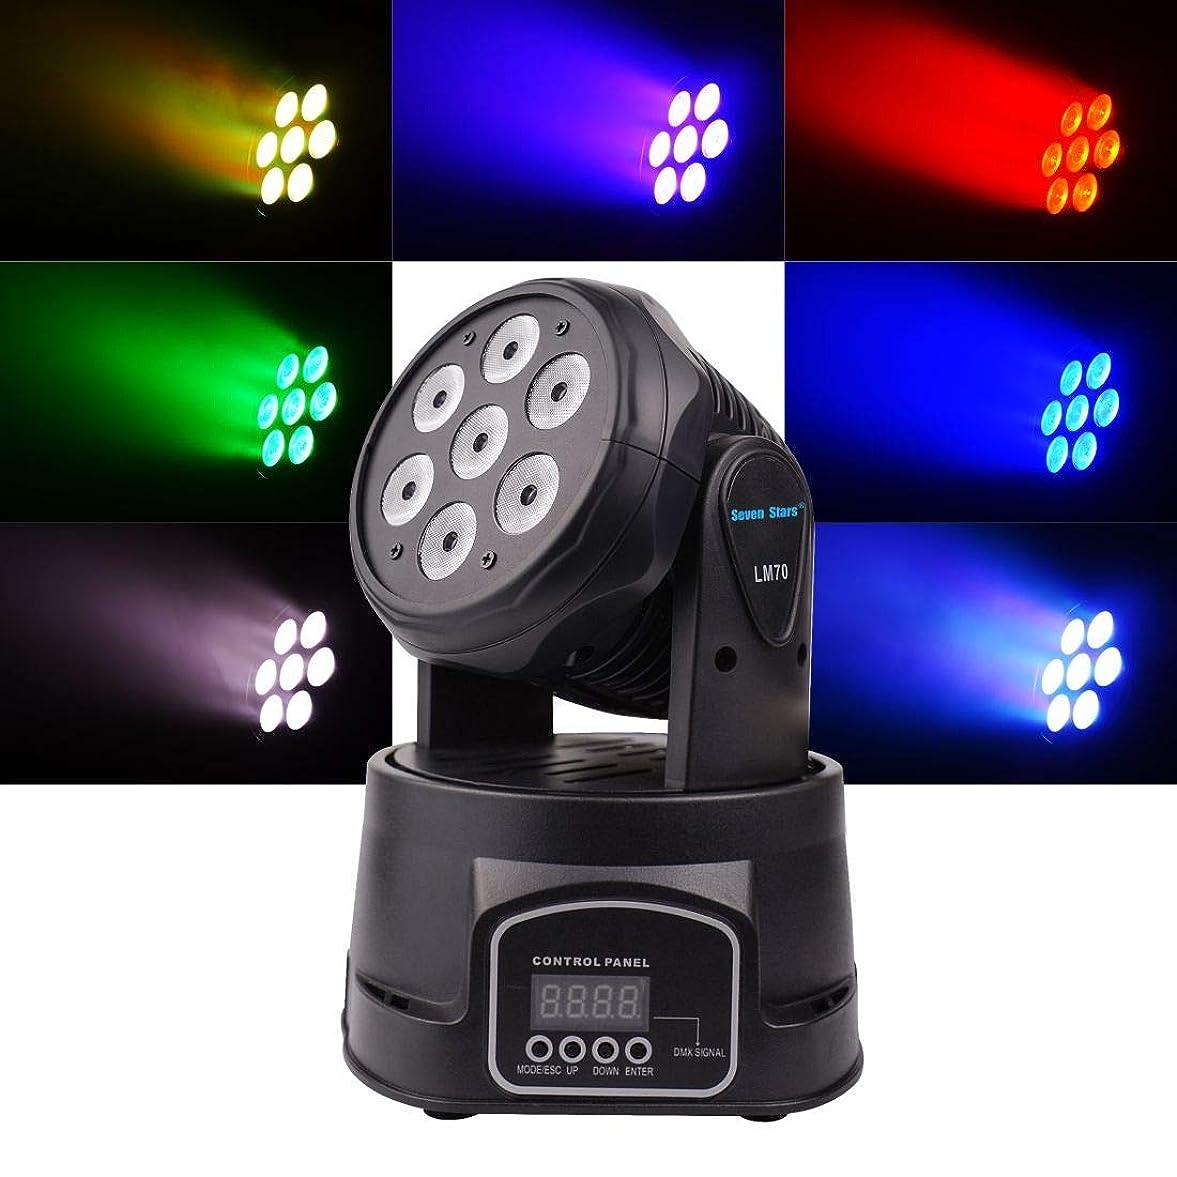 同情位置するアクセントSevenStars ステージライト ムービングヘッドライト ステージ照明 7x8W RGBW DMX512 音声制御 マスタースレーブ 自走 ミニ LED ディスコ ウェディング イベントショー パフォーマンス 誕生日 パーティー LED照明 (LM70-SS-JP)